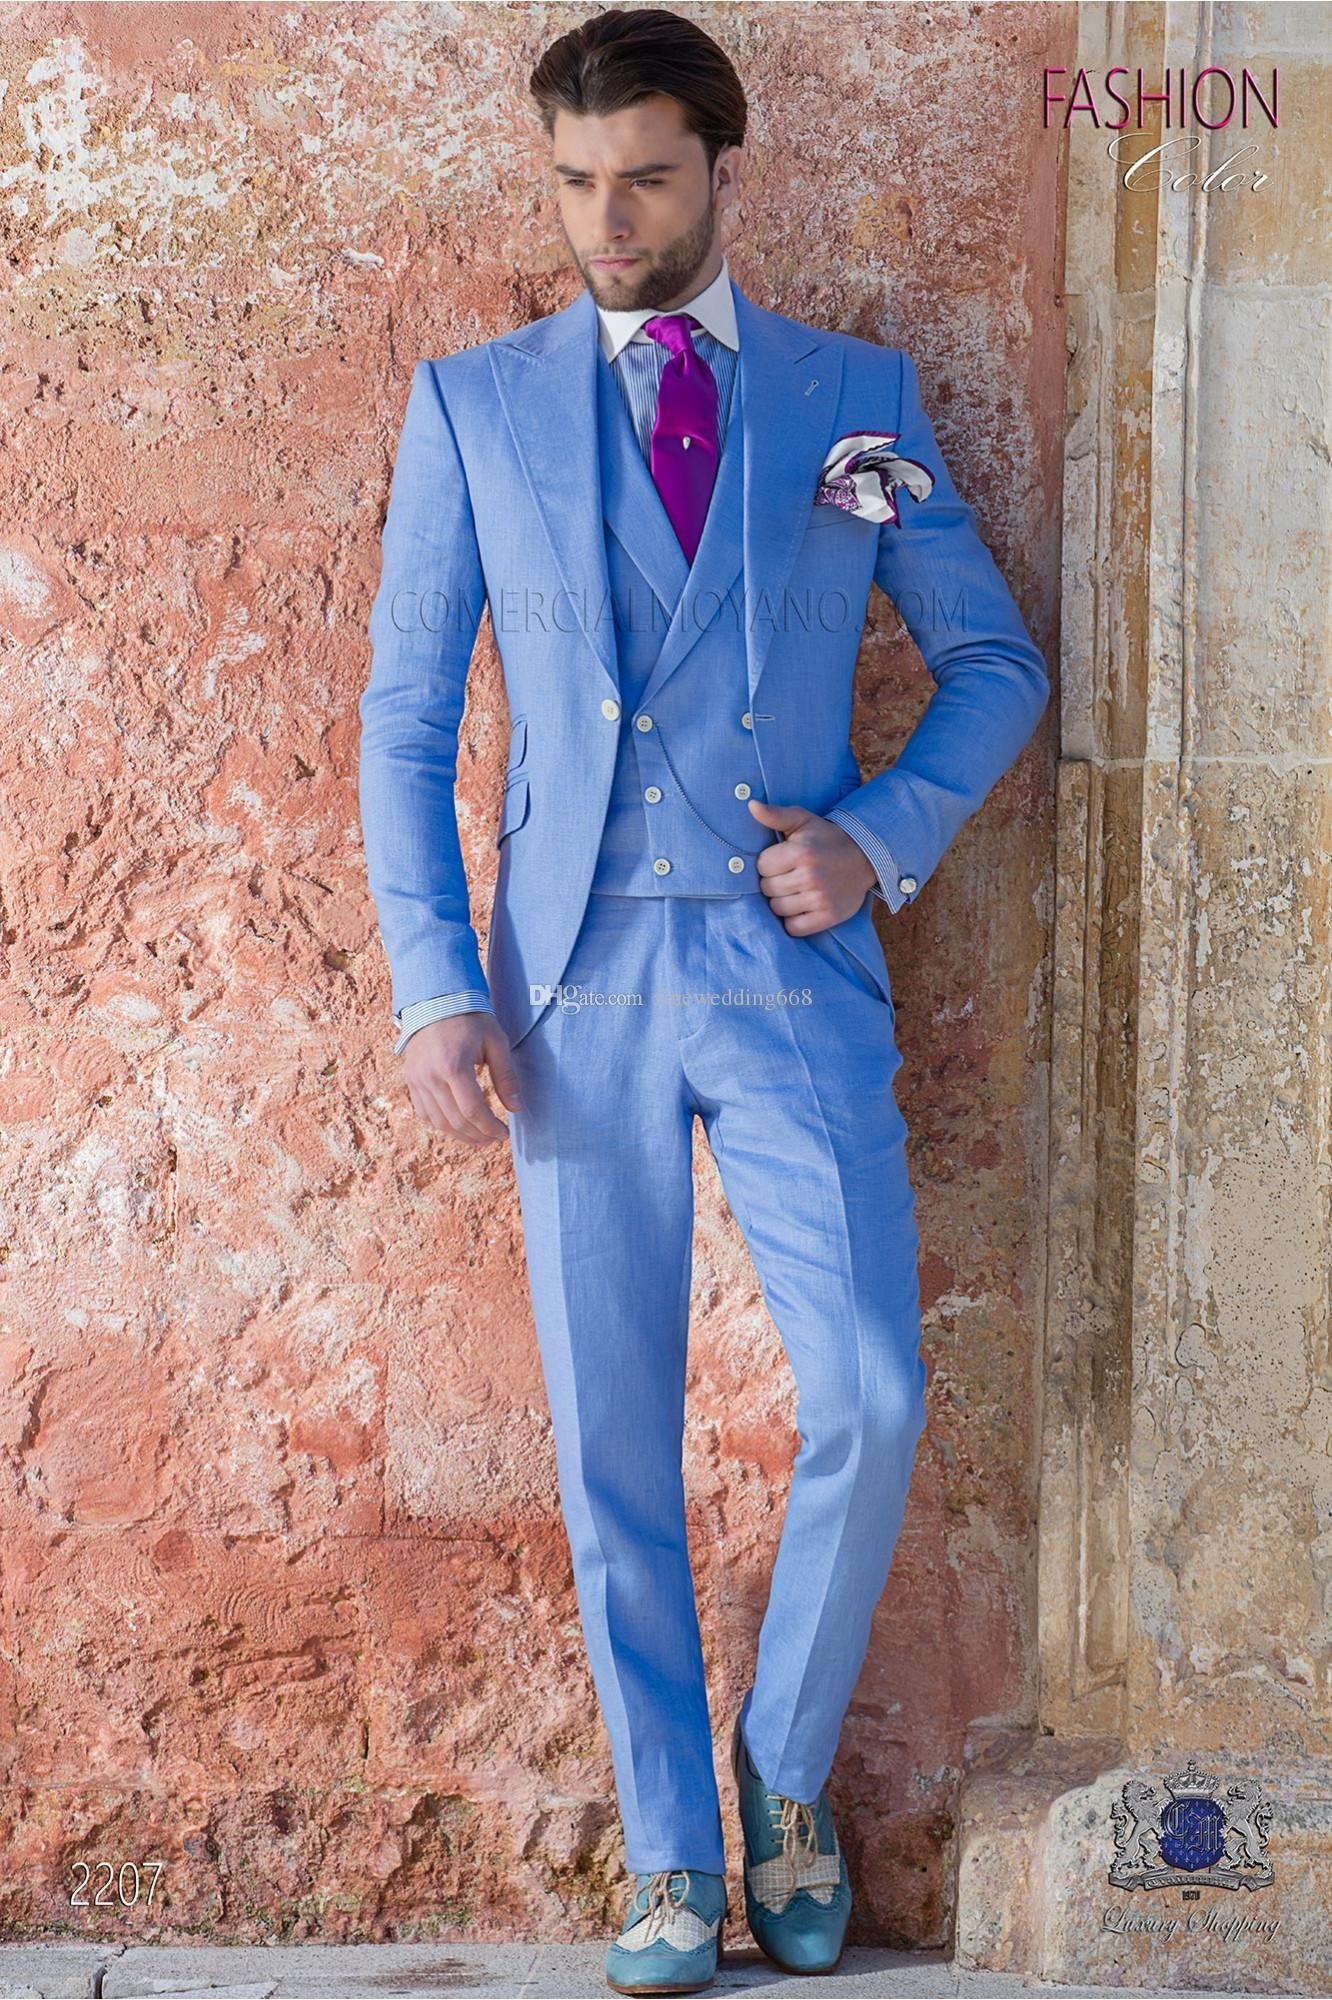 Yeni Bir Düğme Groomsmen Tepe Yaka Düğün Damat smokin Erkekler Suits Düğün / Gelinlik / Akşam Sağdıç Blazer (Ceket + Kravat + Yelek + Pantolon) 688